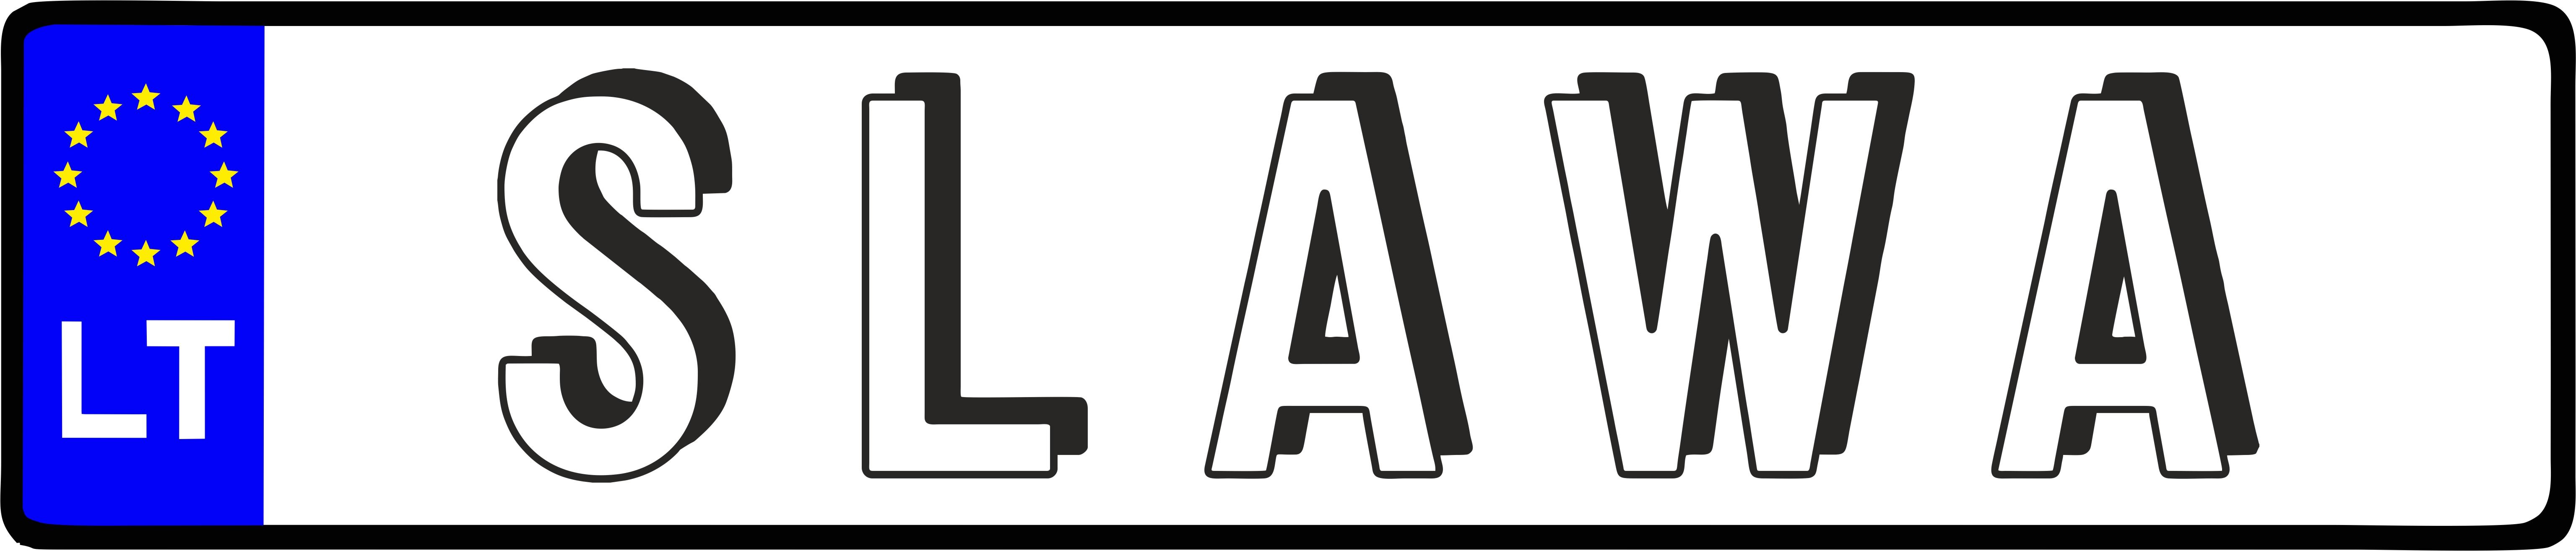 Vardiniai automobilių numeriai